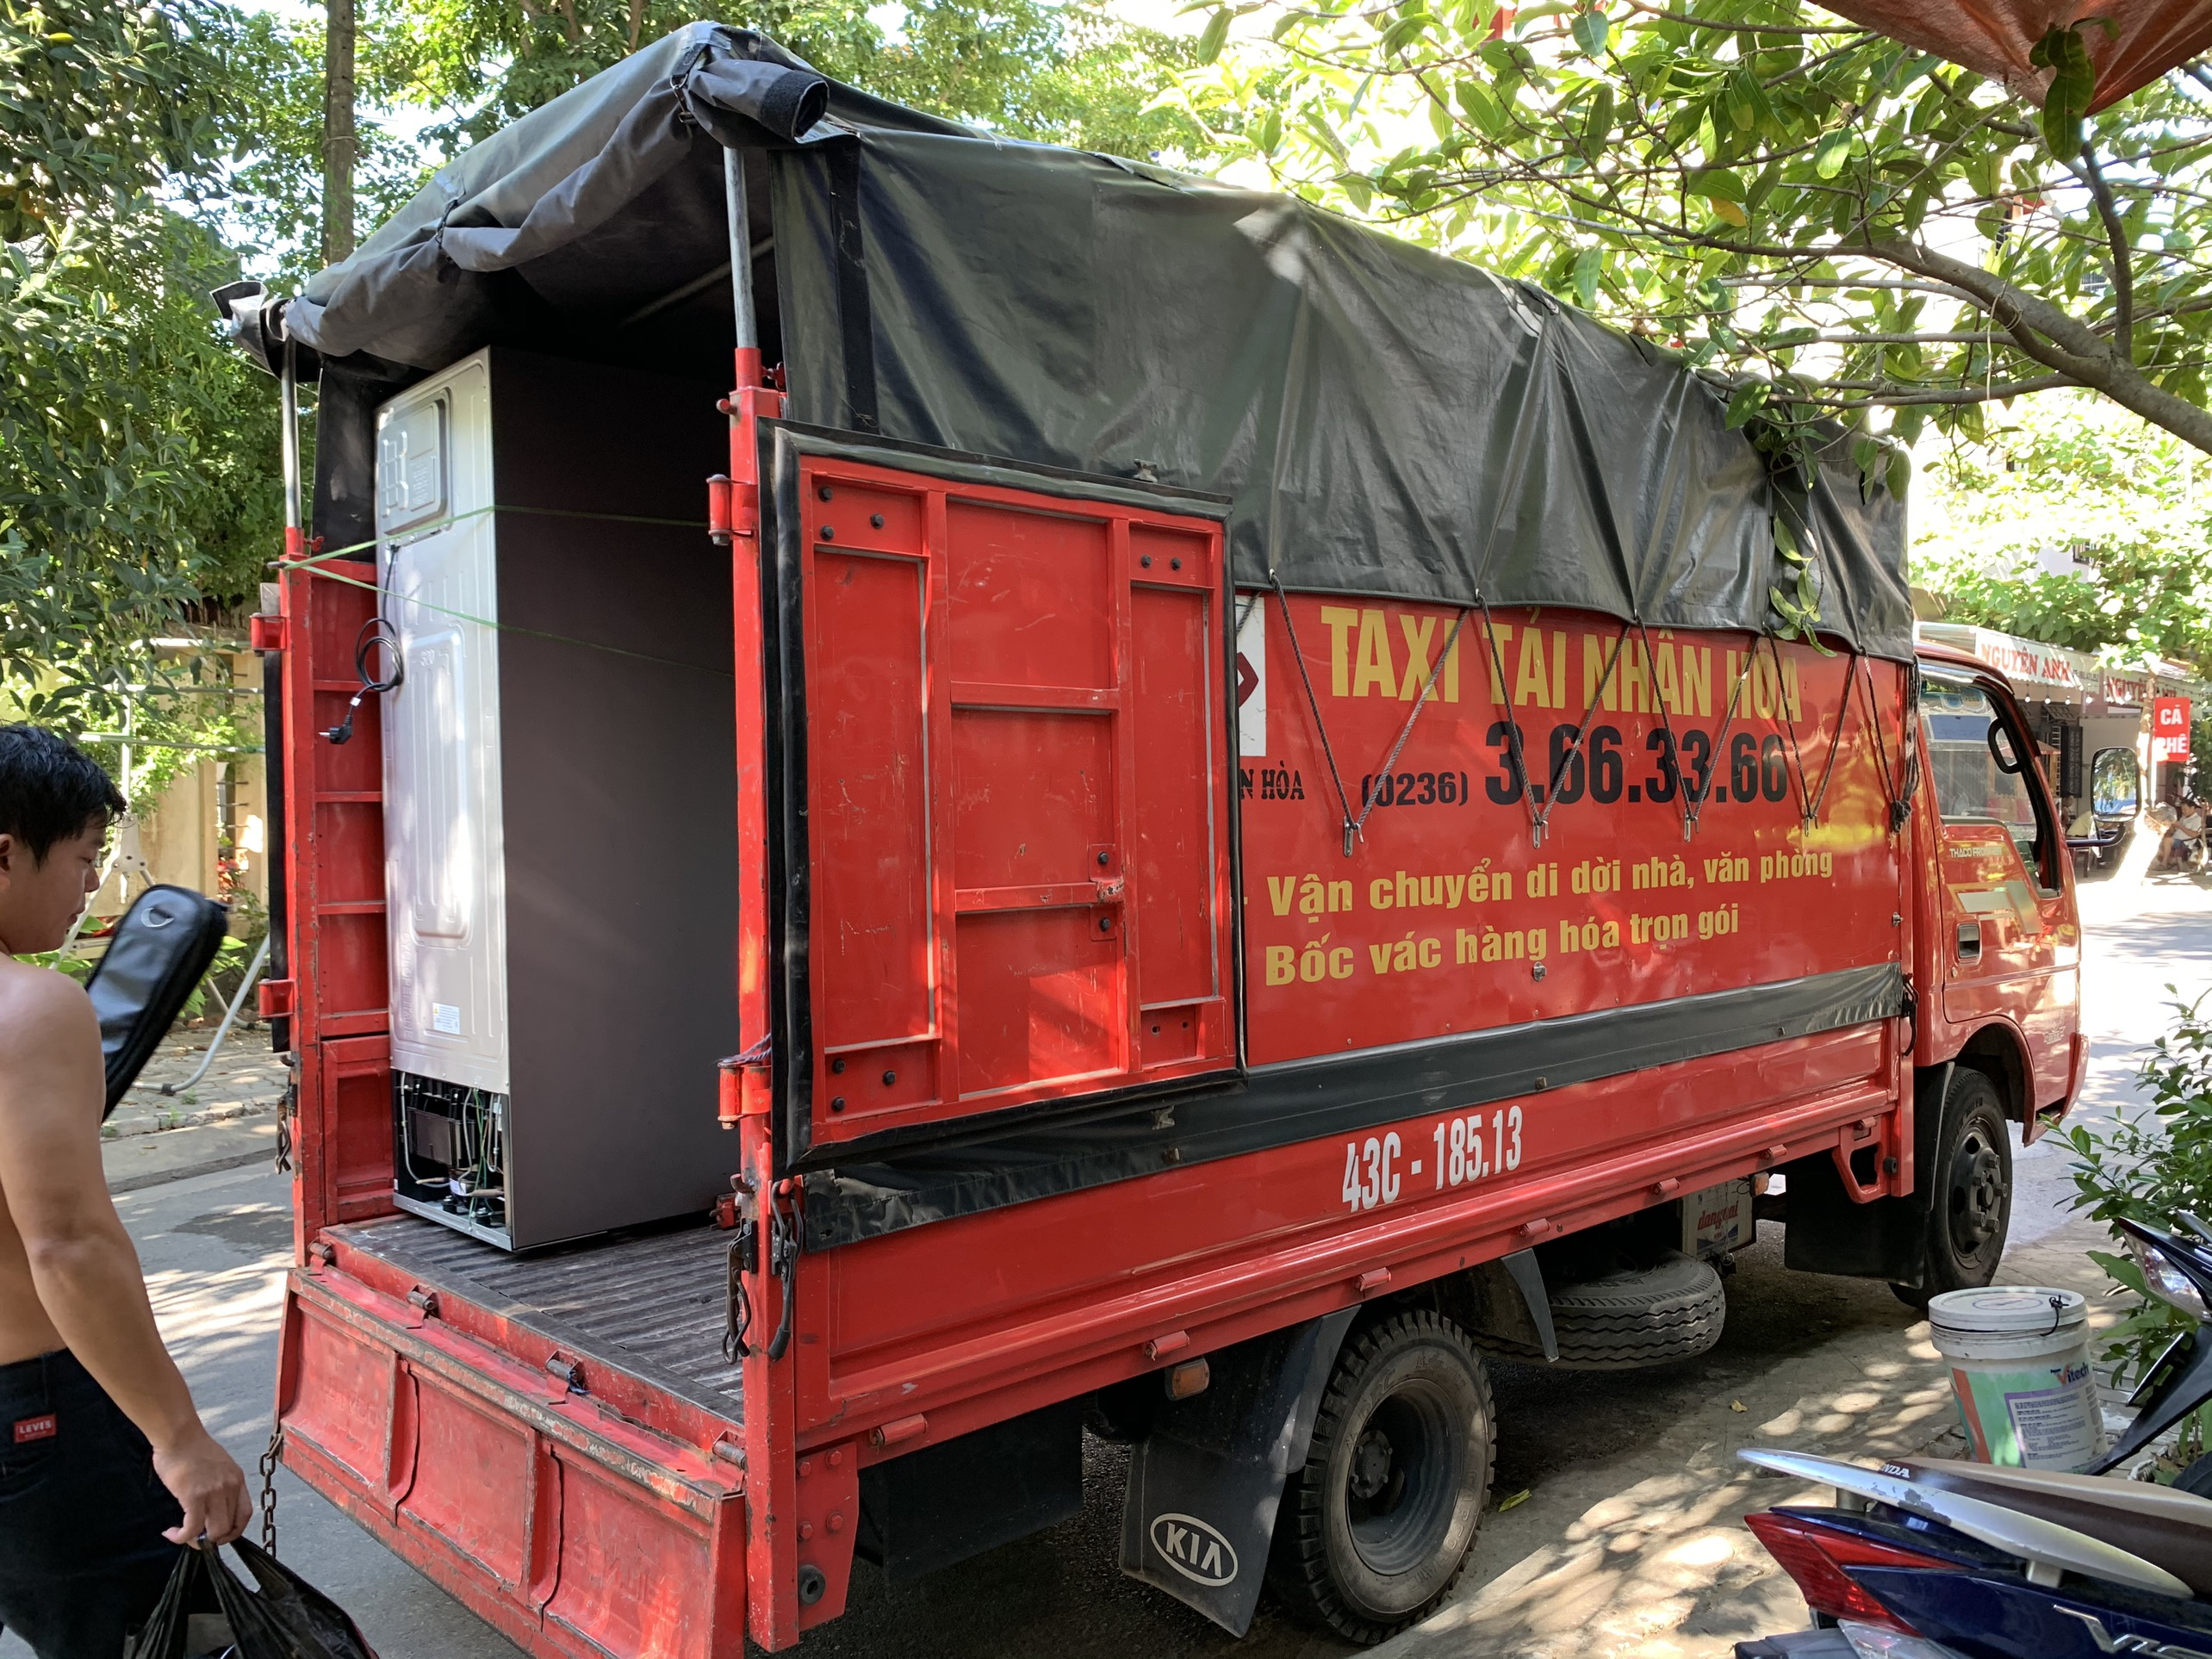 Giá Dịch Vụ Chuyển Nhà Trọn Gói Giá Rẻ Tại Đà Nẵng 04